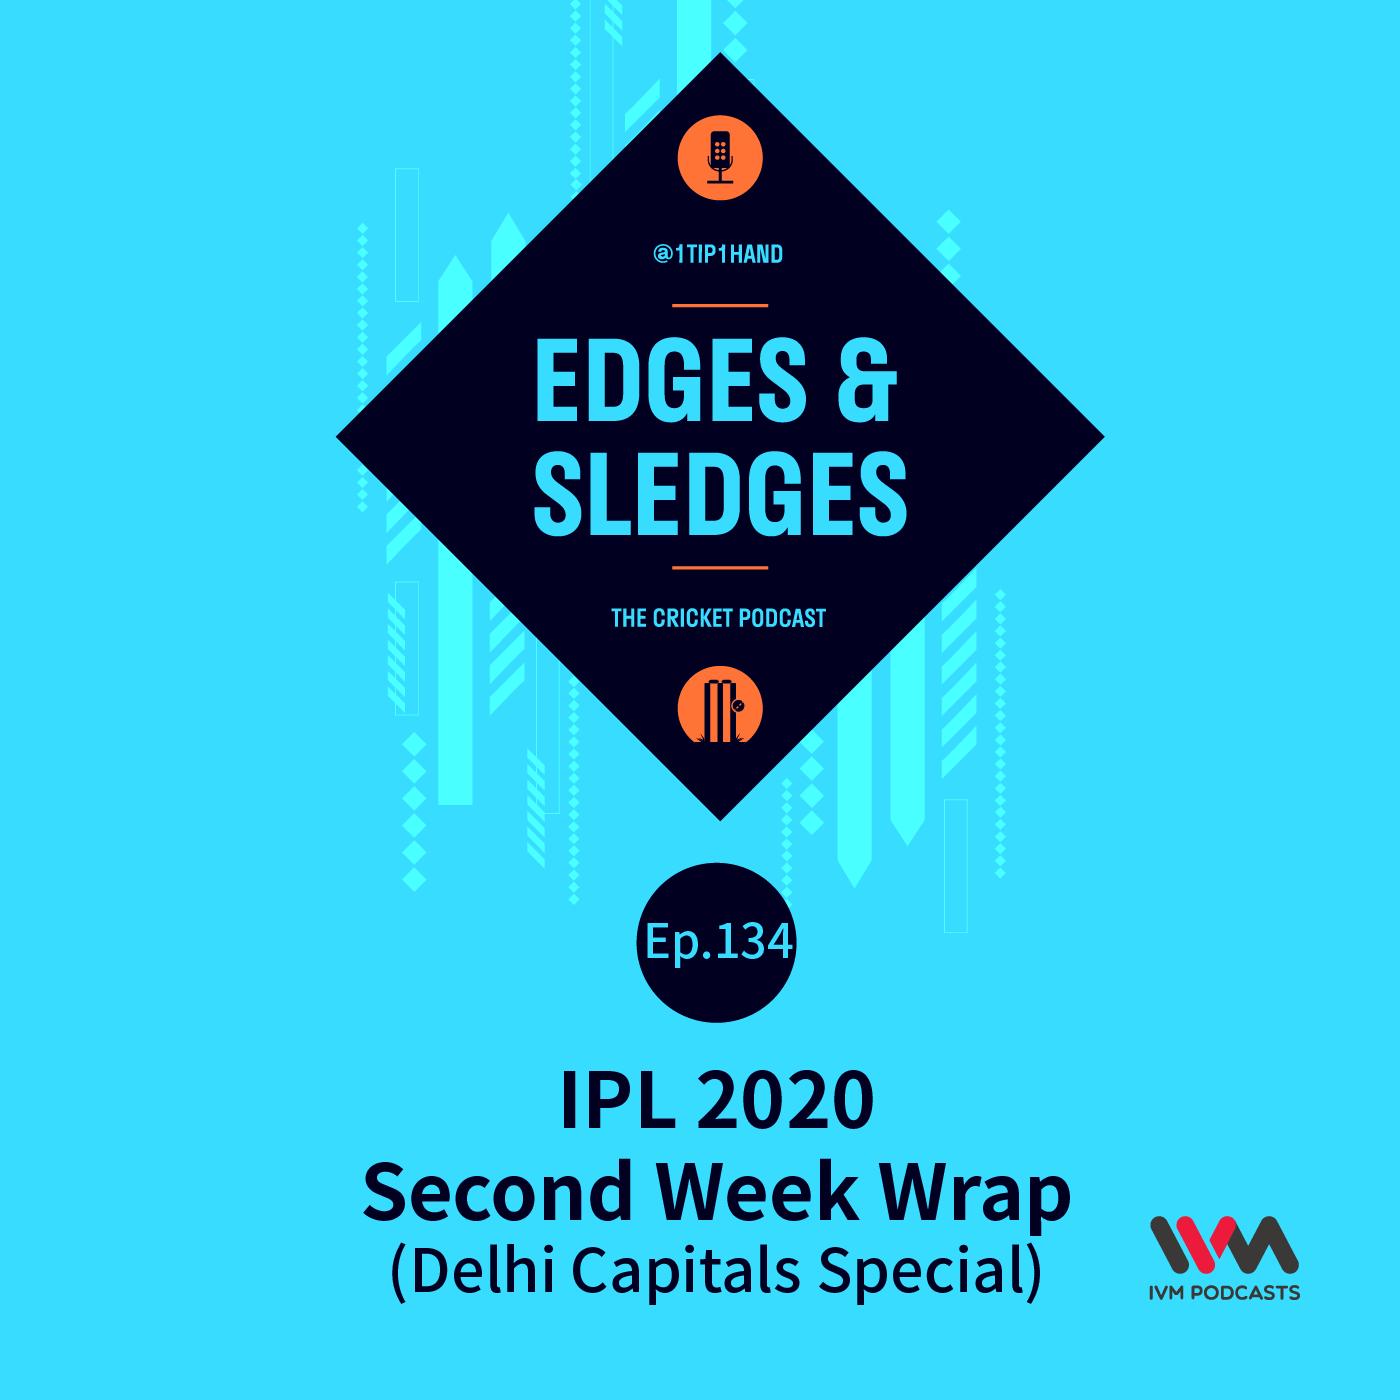 Ep. 134: IPL 2020 Second Week Wrap (Delhi Capitals Special)